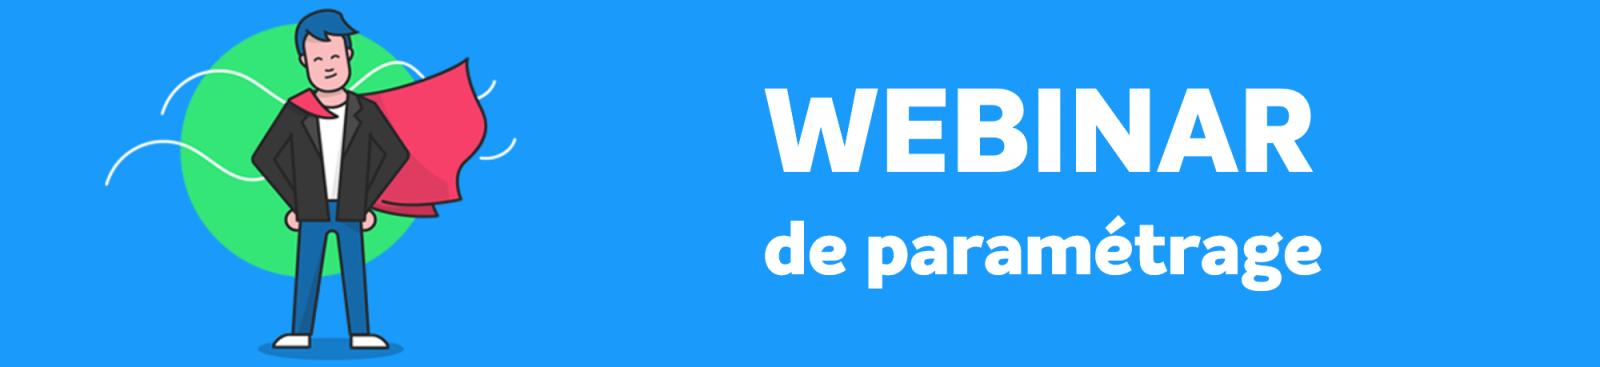 webinar de paramétrage